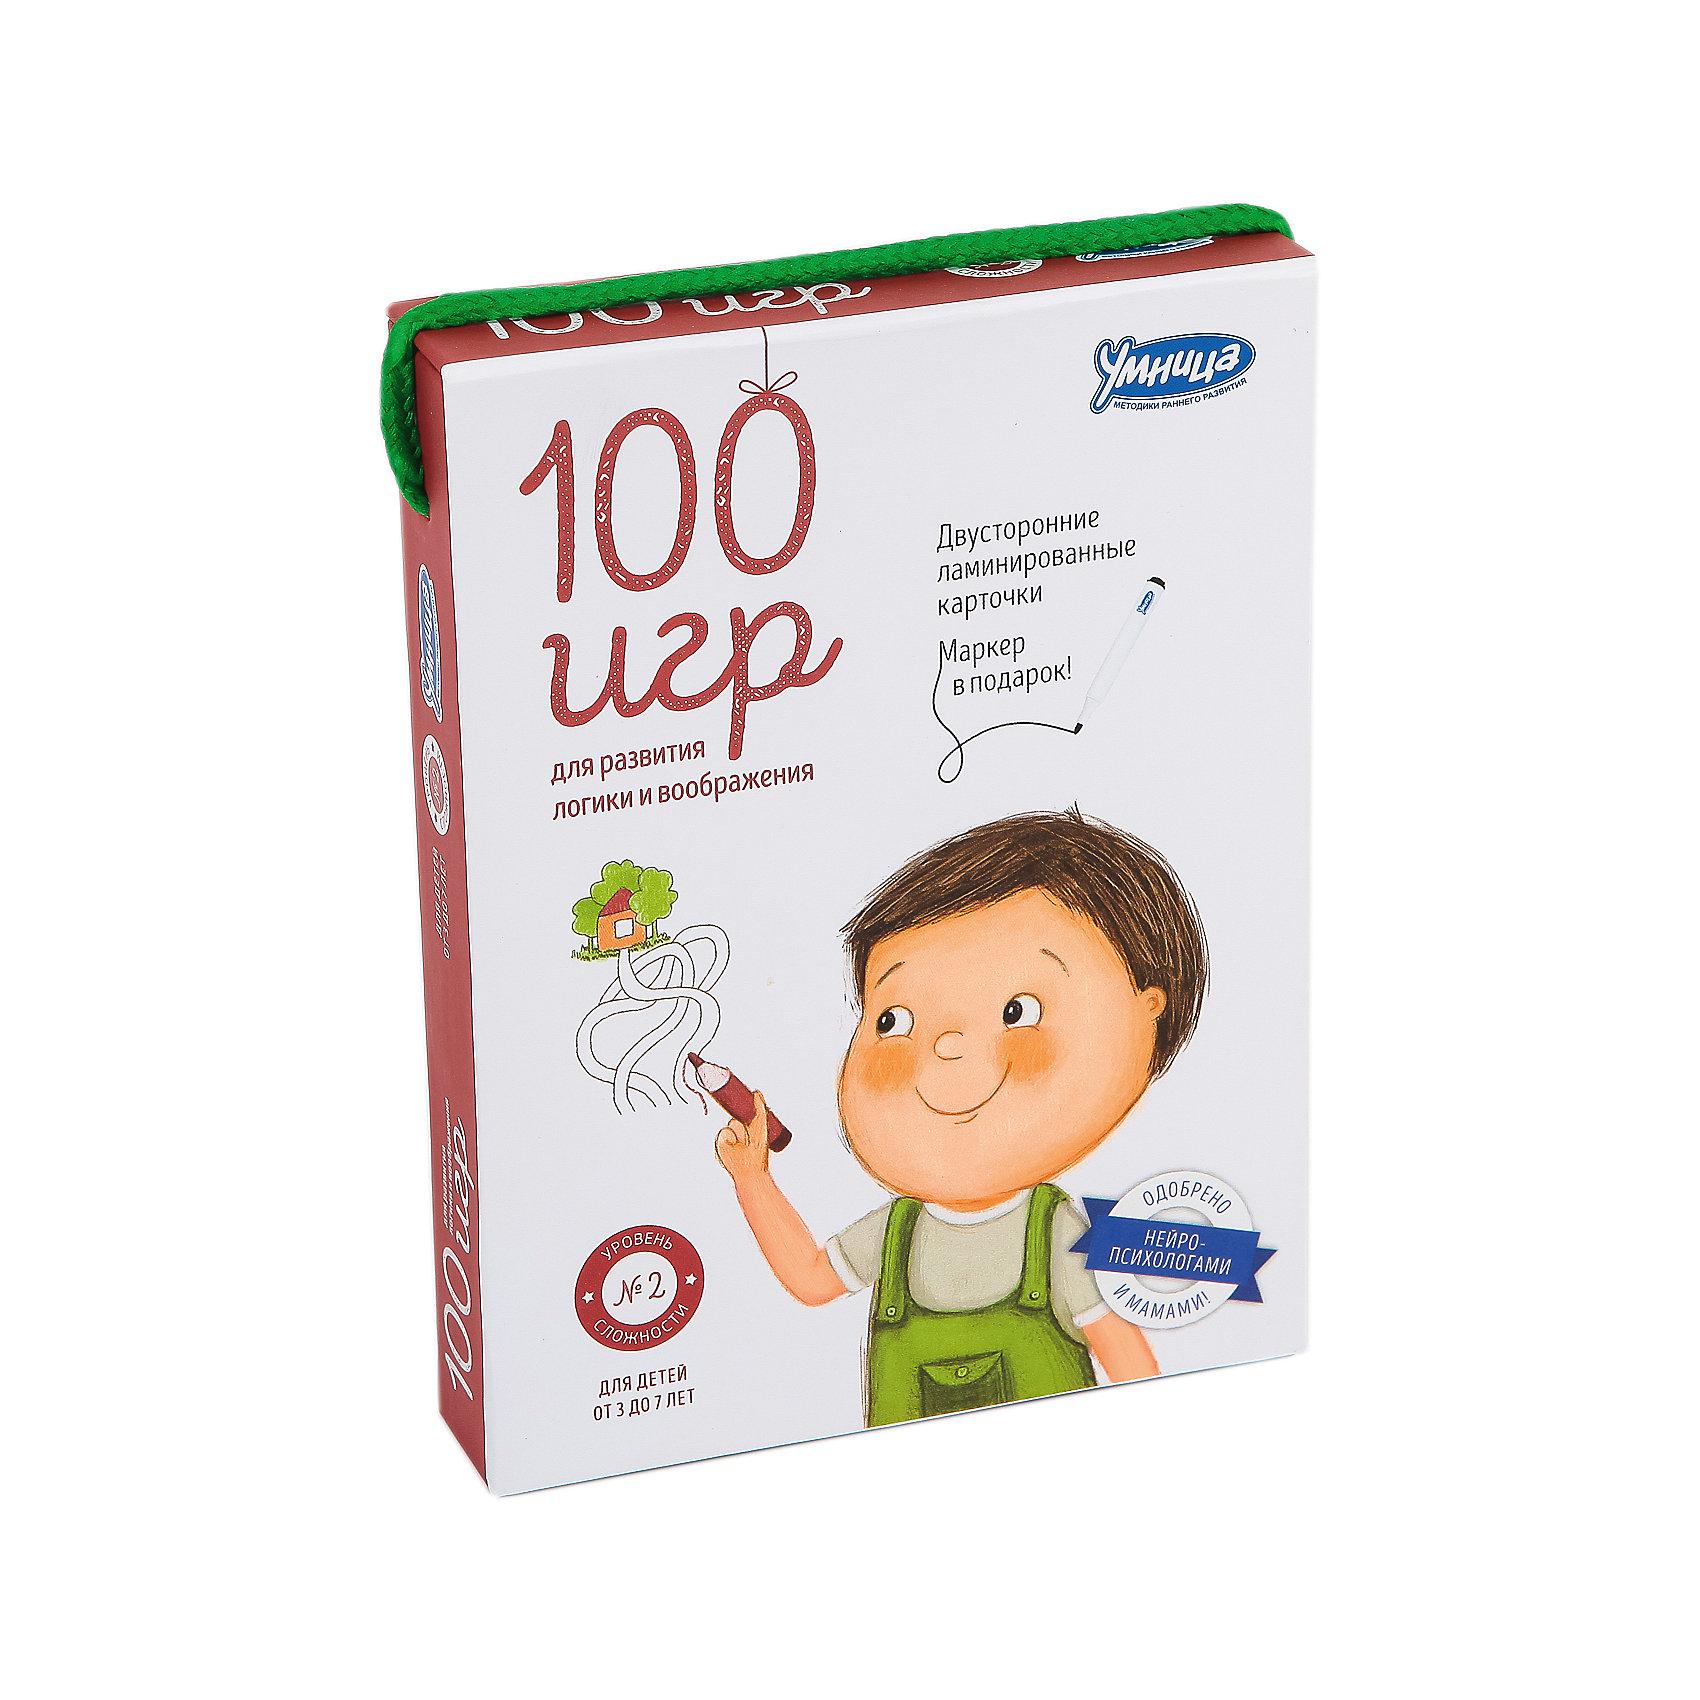 Карточки 100 игр, Уровень 2Умница<br>Характеристики:<br><br>• Вид игр: обучающие, развивающие<br>• Серия: Развивающие карточки<br>• Материал: картон, пластик<br>• Комплектация: 50 двухсторонних карточек, маркер, методические рекомендации родителям<br>• Размеры карточек (В*Ш): 15*11 см<br>• Тип упаковки: картонная коробка<br>• Размеры упаковки (Д*Ш*В): 11,5*15,5*30 см<br>• Вес в упаковке: 340 г<br><br>Карточки 100 игр, Уровень 2 состоят из 50 двухсторонних карточек с разнообразными заданиями, направленными на развитие внимания, логического мышления, зрительной памяти. Среди заданий: дорисуй картинку, выбери путь, найди отличия, найди указанные предметы и т.д. Для выполнения заданий в комплекте предусмотрен маркер, который легко стирается с поверхности.<br><br>Карточки 100 игр, Уровень 2 можно купить в нашем интернет-магазине.<br><br>Ширина мм: 115<br>Глубина мм: 155<br>Высота мм: 300<br>Вес г: 340<br>Возраст от месяцев: 36<br>Возраст до месяцев: 2147483647<br>Пол: Унисекс<br>Возраст: Детский<br>SKU: 5523167